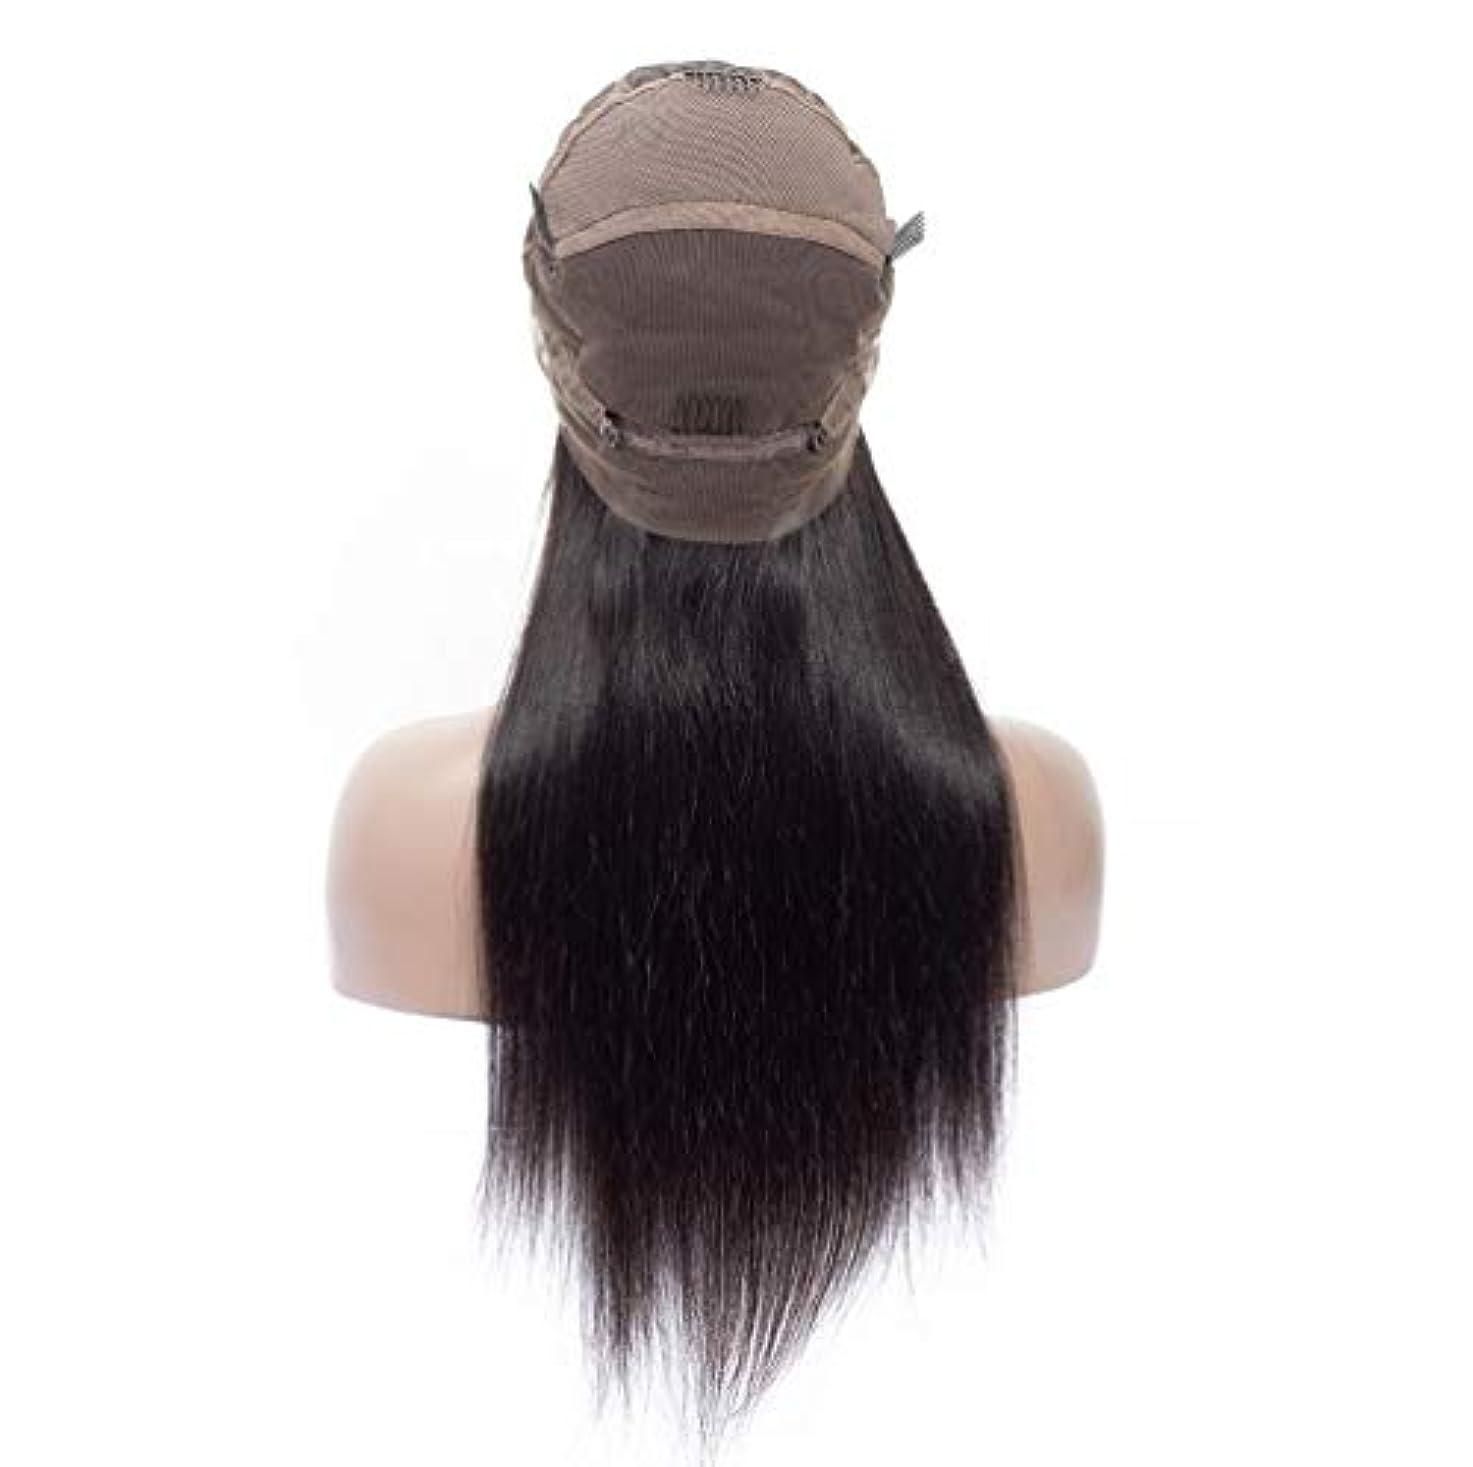 スポーツ逸脱緊急かつらの女性150%の密度の毛のブラジル人のRemyの人間の毛髪のまっすぐな毛のかつらの赤ん坊の毛